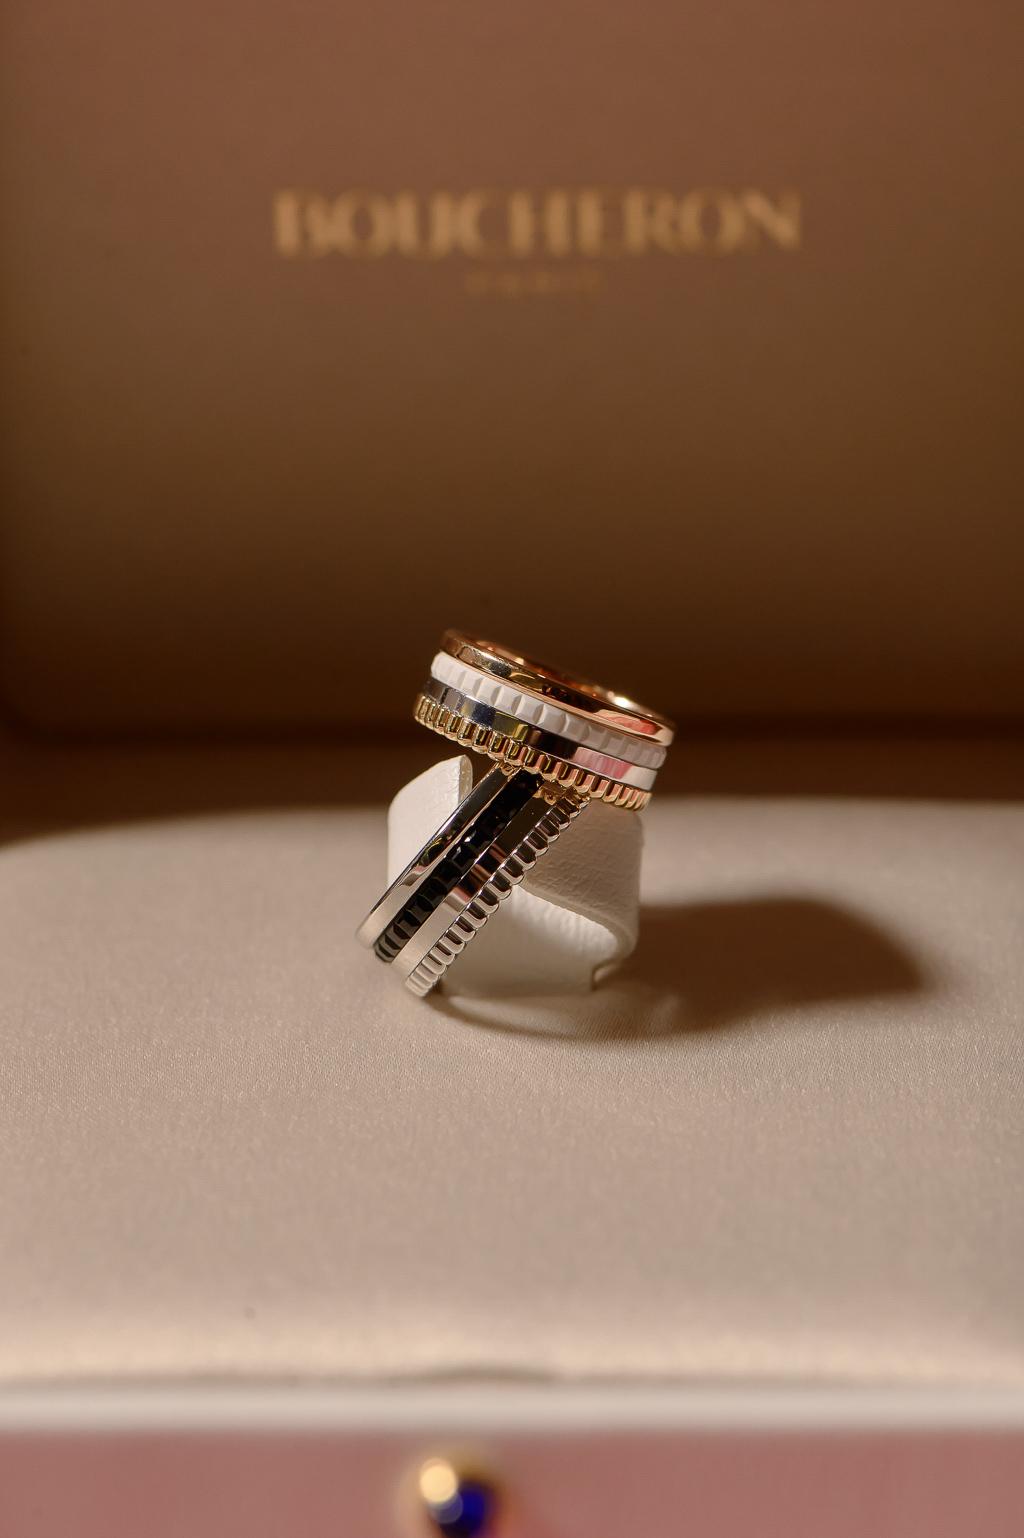 台北婚攝, 婚攝, 婚攝小勇, 推薦婚攝, 新竹煙波, 新秘vivian, 新莊典華, 煙波婚宴, 煙波婚攝-051